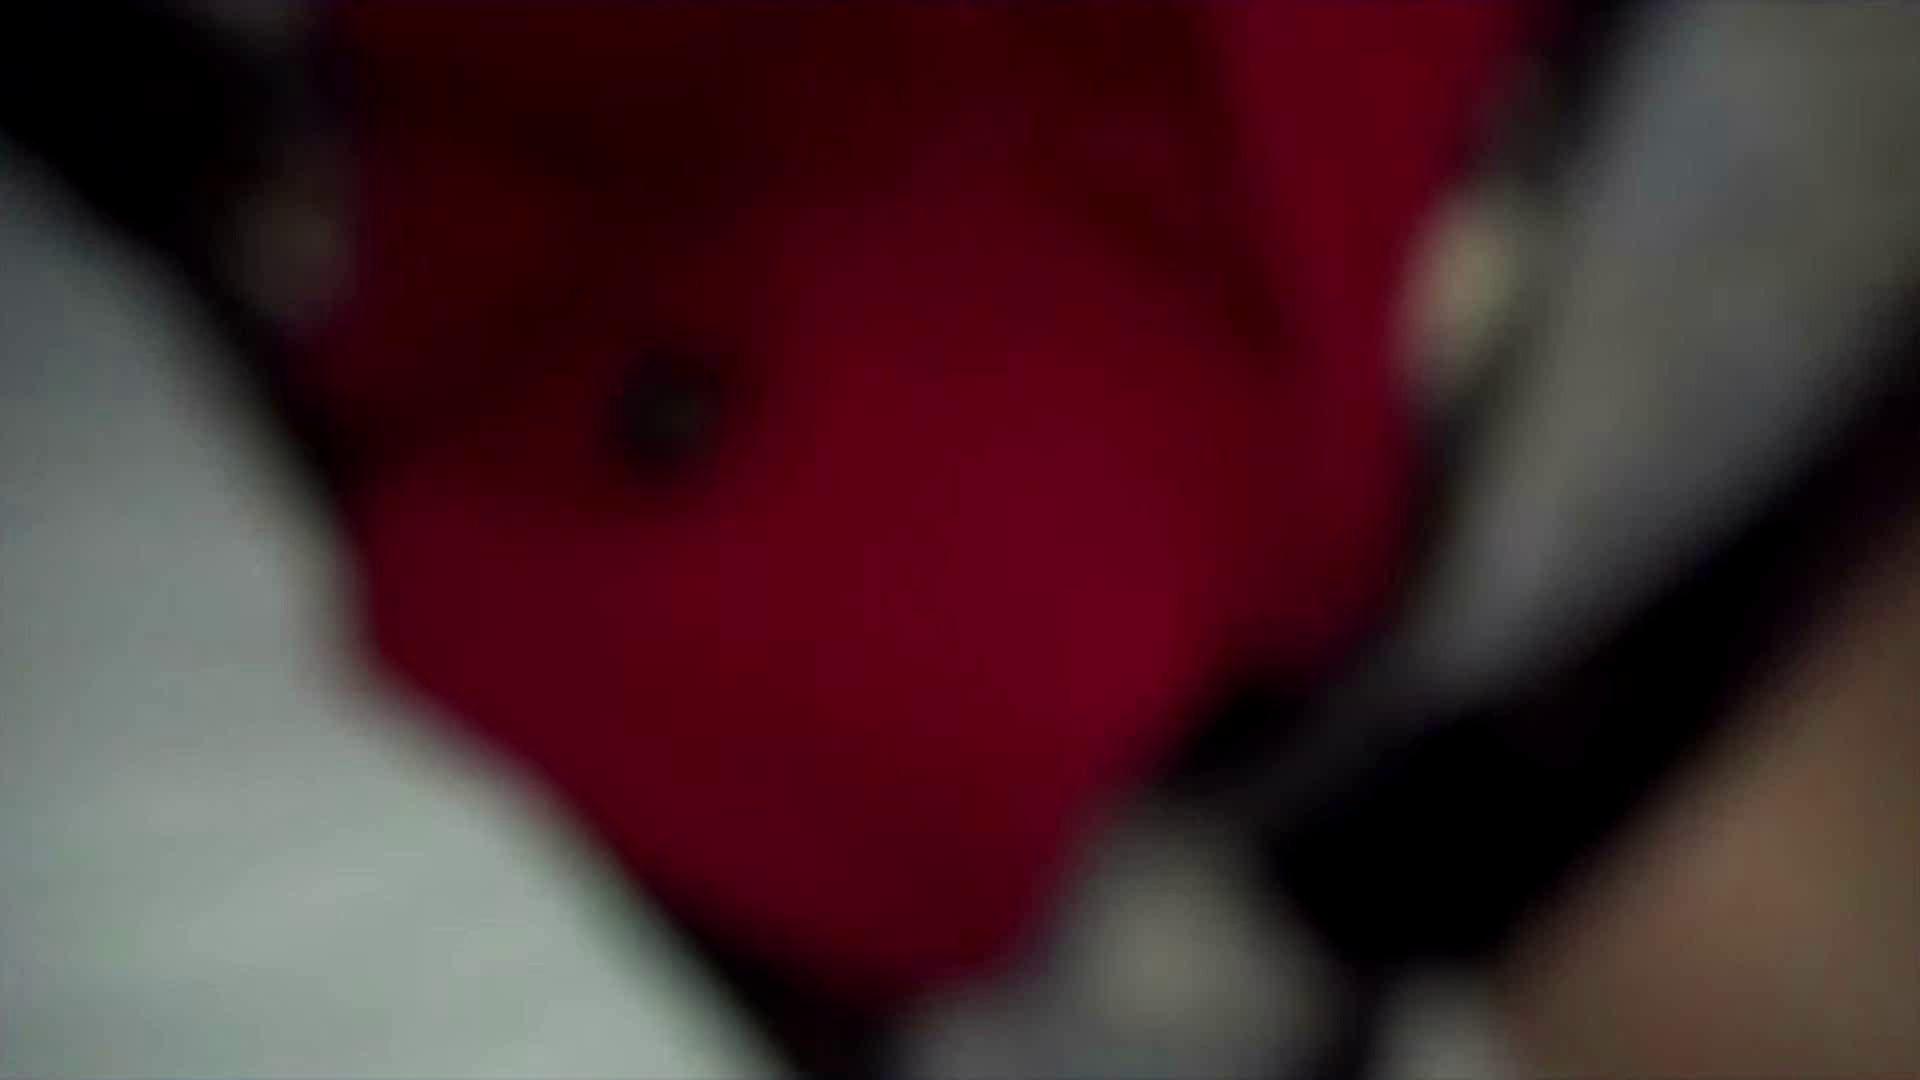 vol.32 【A・Yちゃん】 お嬢様系現役JD 1回目 お嬢様 ワレメ動画紹介 27連発 2